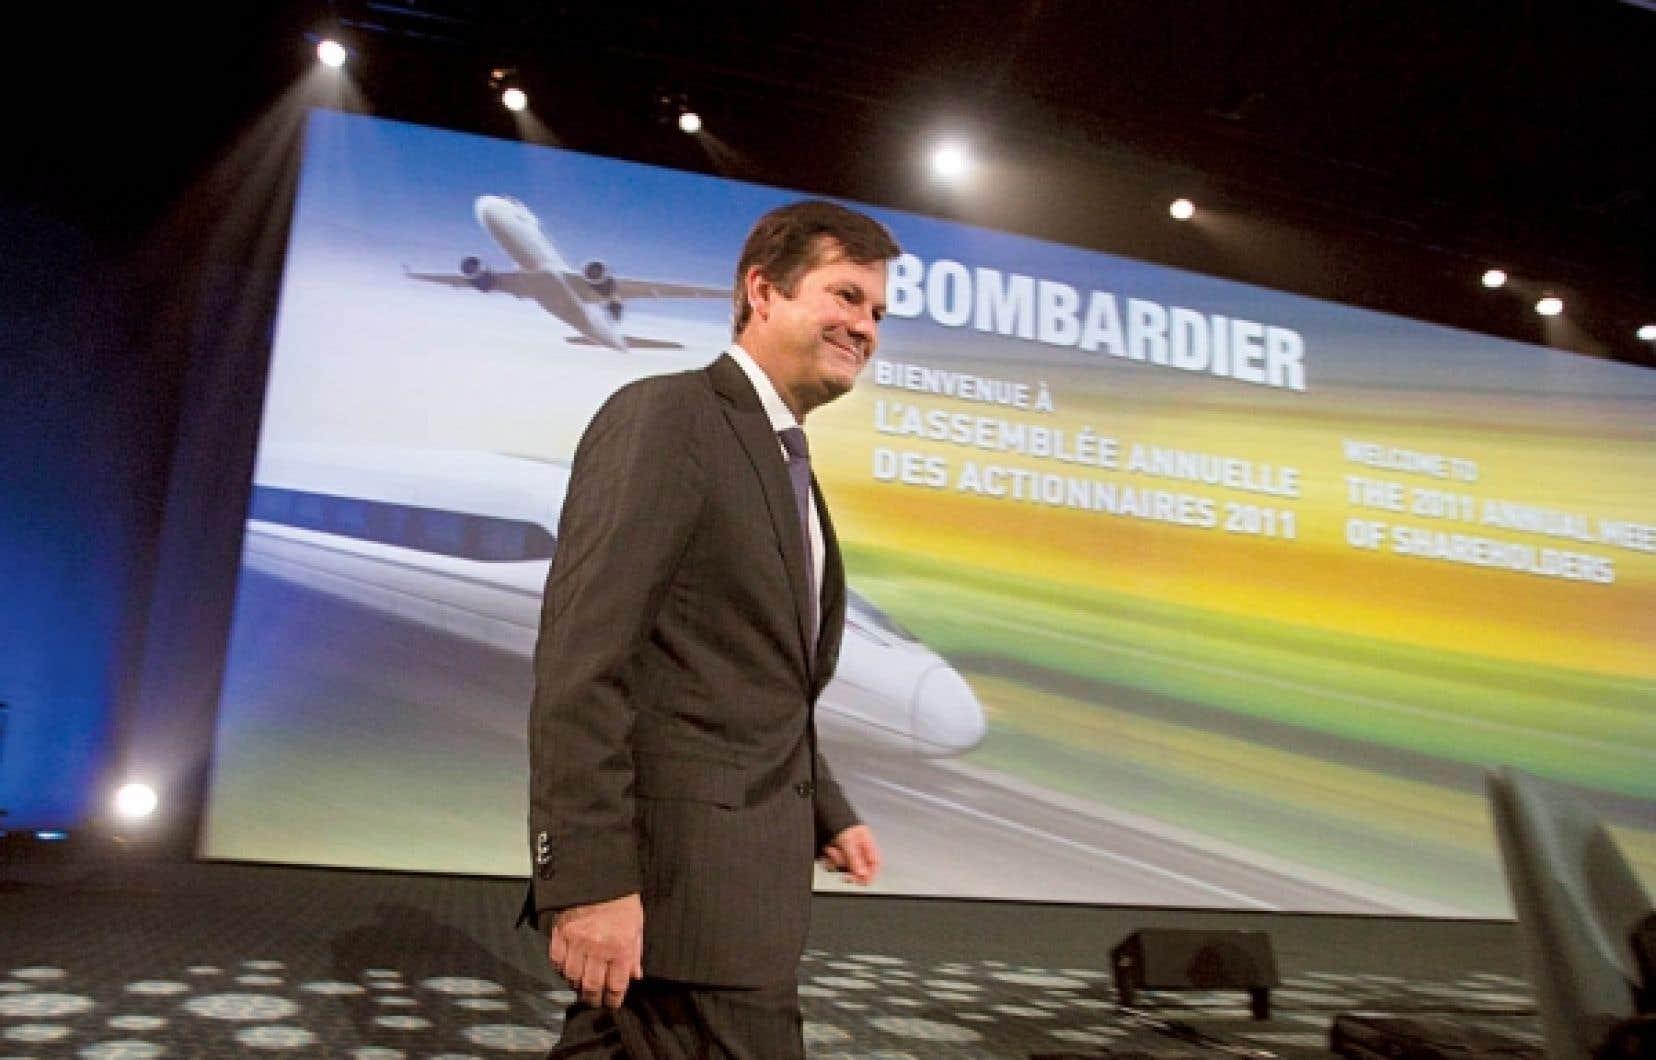 Pierre Beaudoin, pr&eacute;sident et chef de la direction de Bombardier: &laquo;Un programme d&rsquo;avion qui a du succ&egrave;s est un programme qui a une bonne distribution g&eacute;ographique avec plusieurs clients.&raquo;<br />